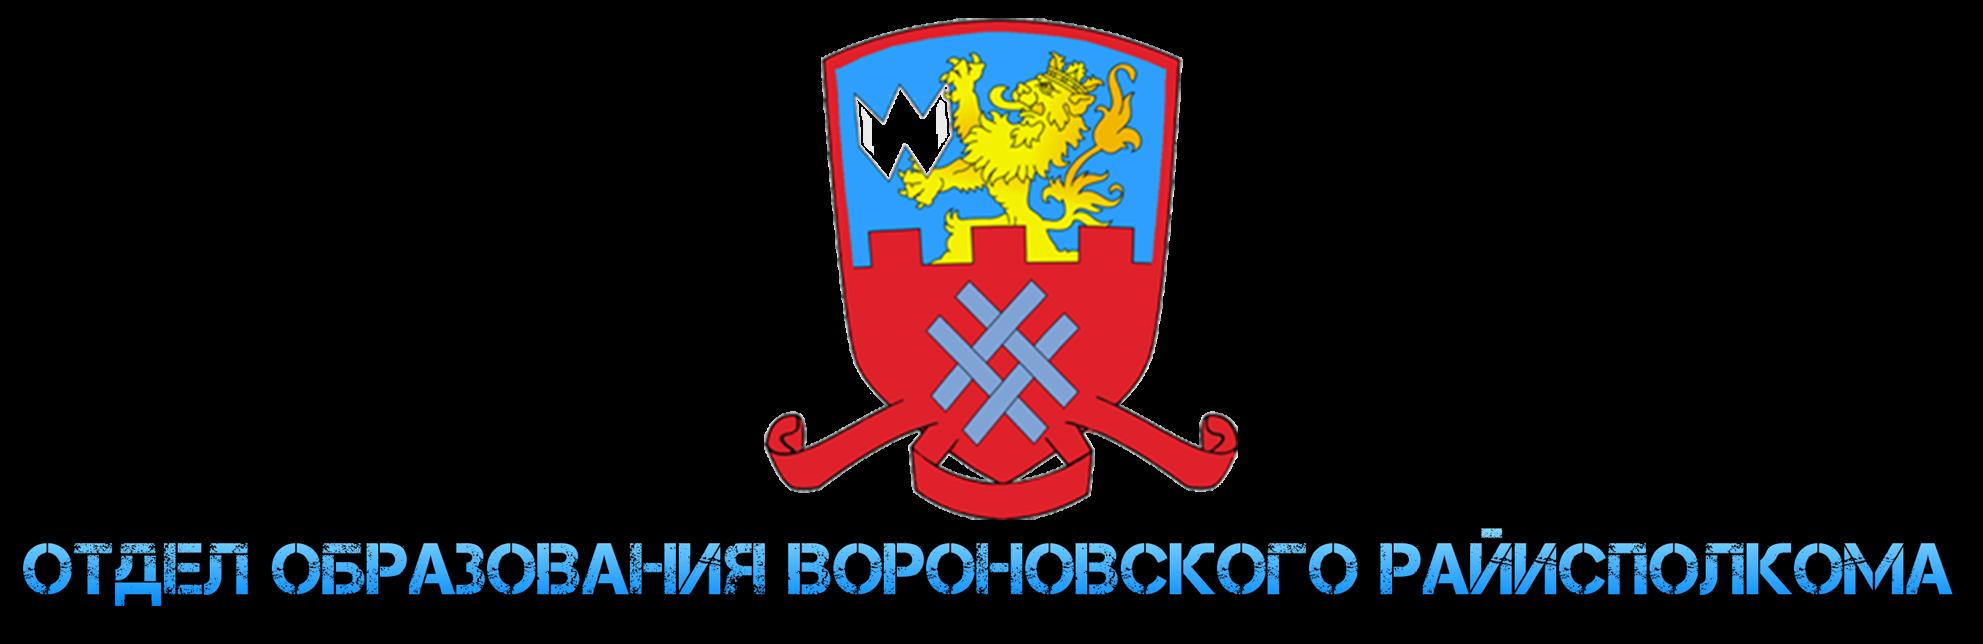 Отдел образования Вороновского райсполкома